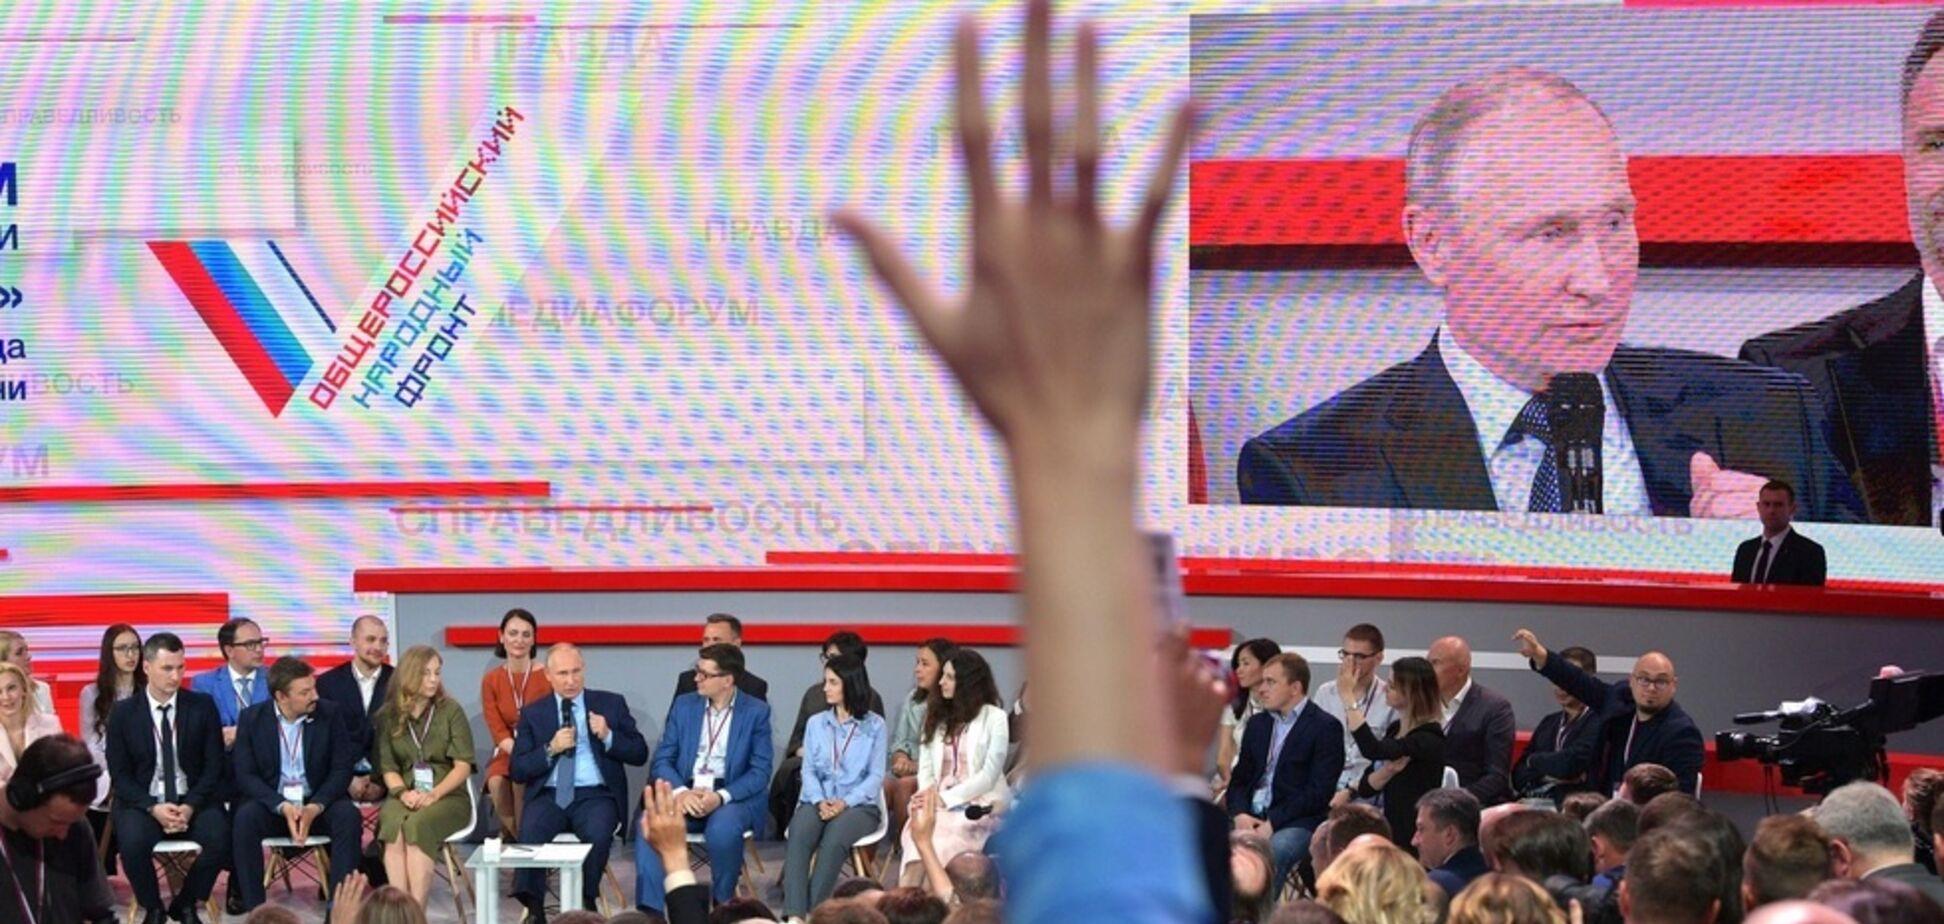 'Абсолютно виртуальное': Киселев оценил обвалившийся рейтинг Путина